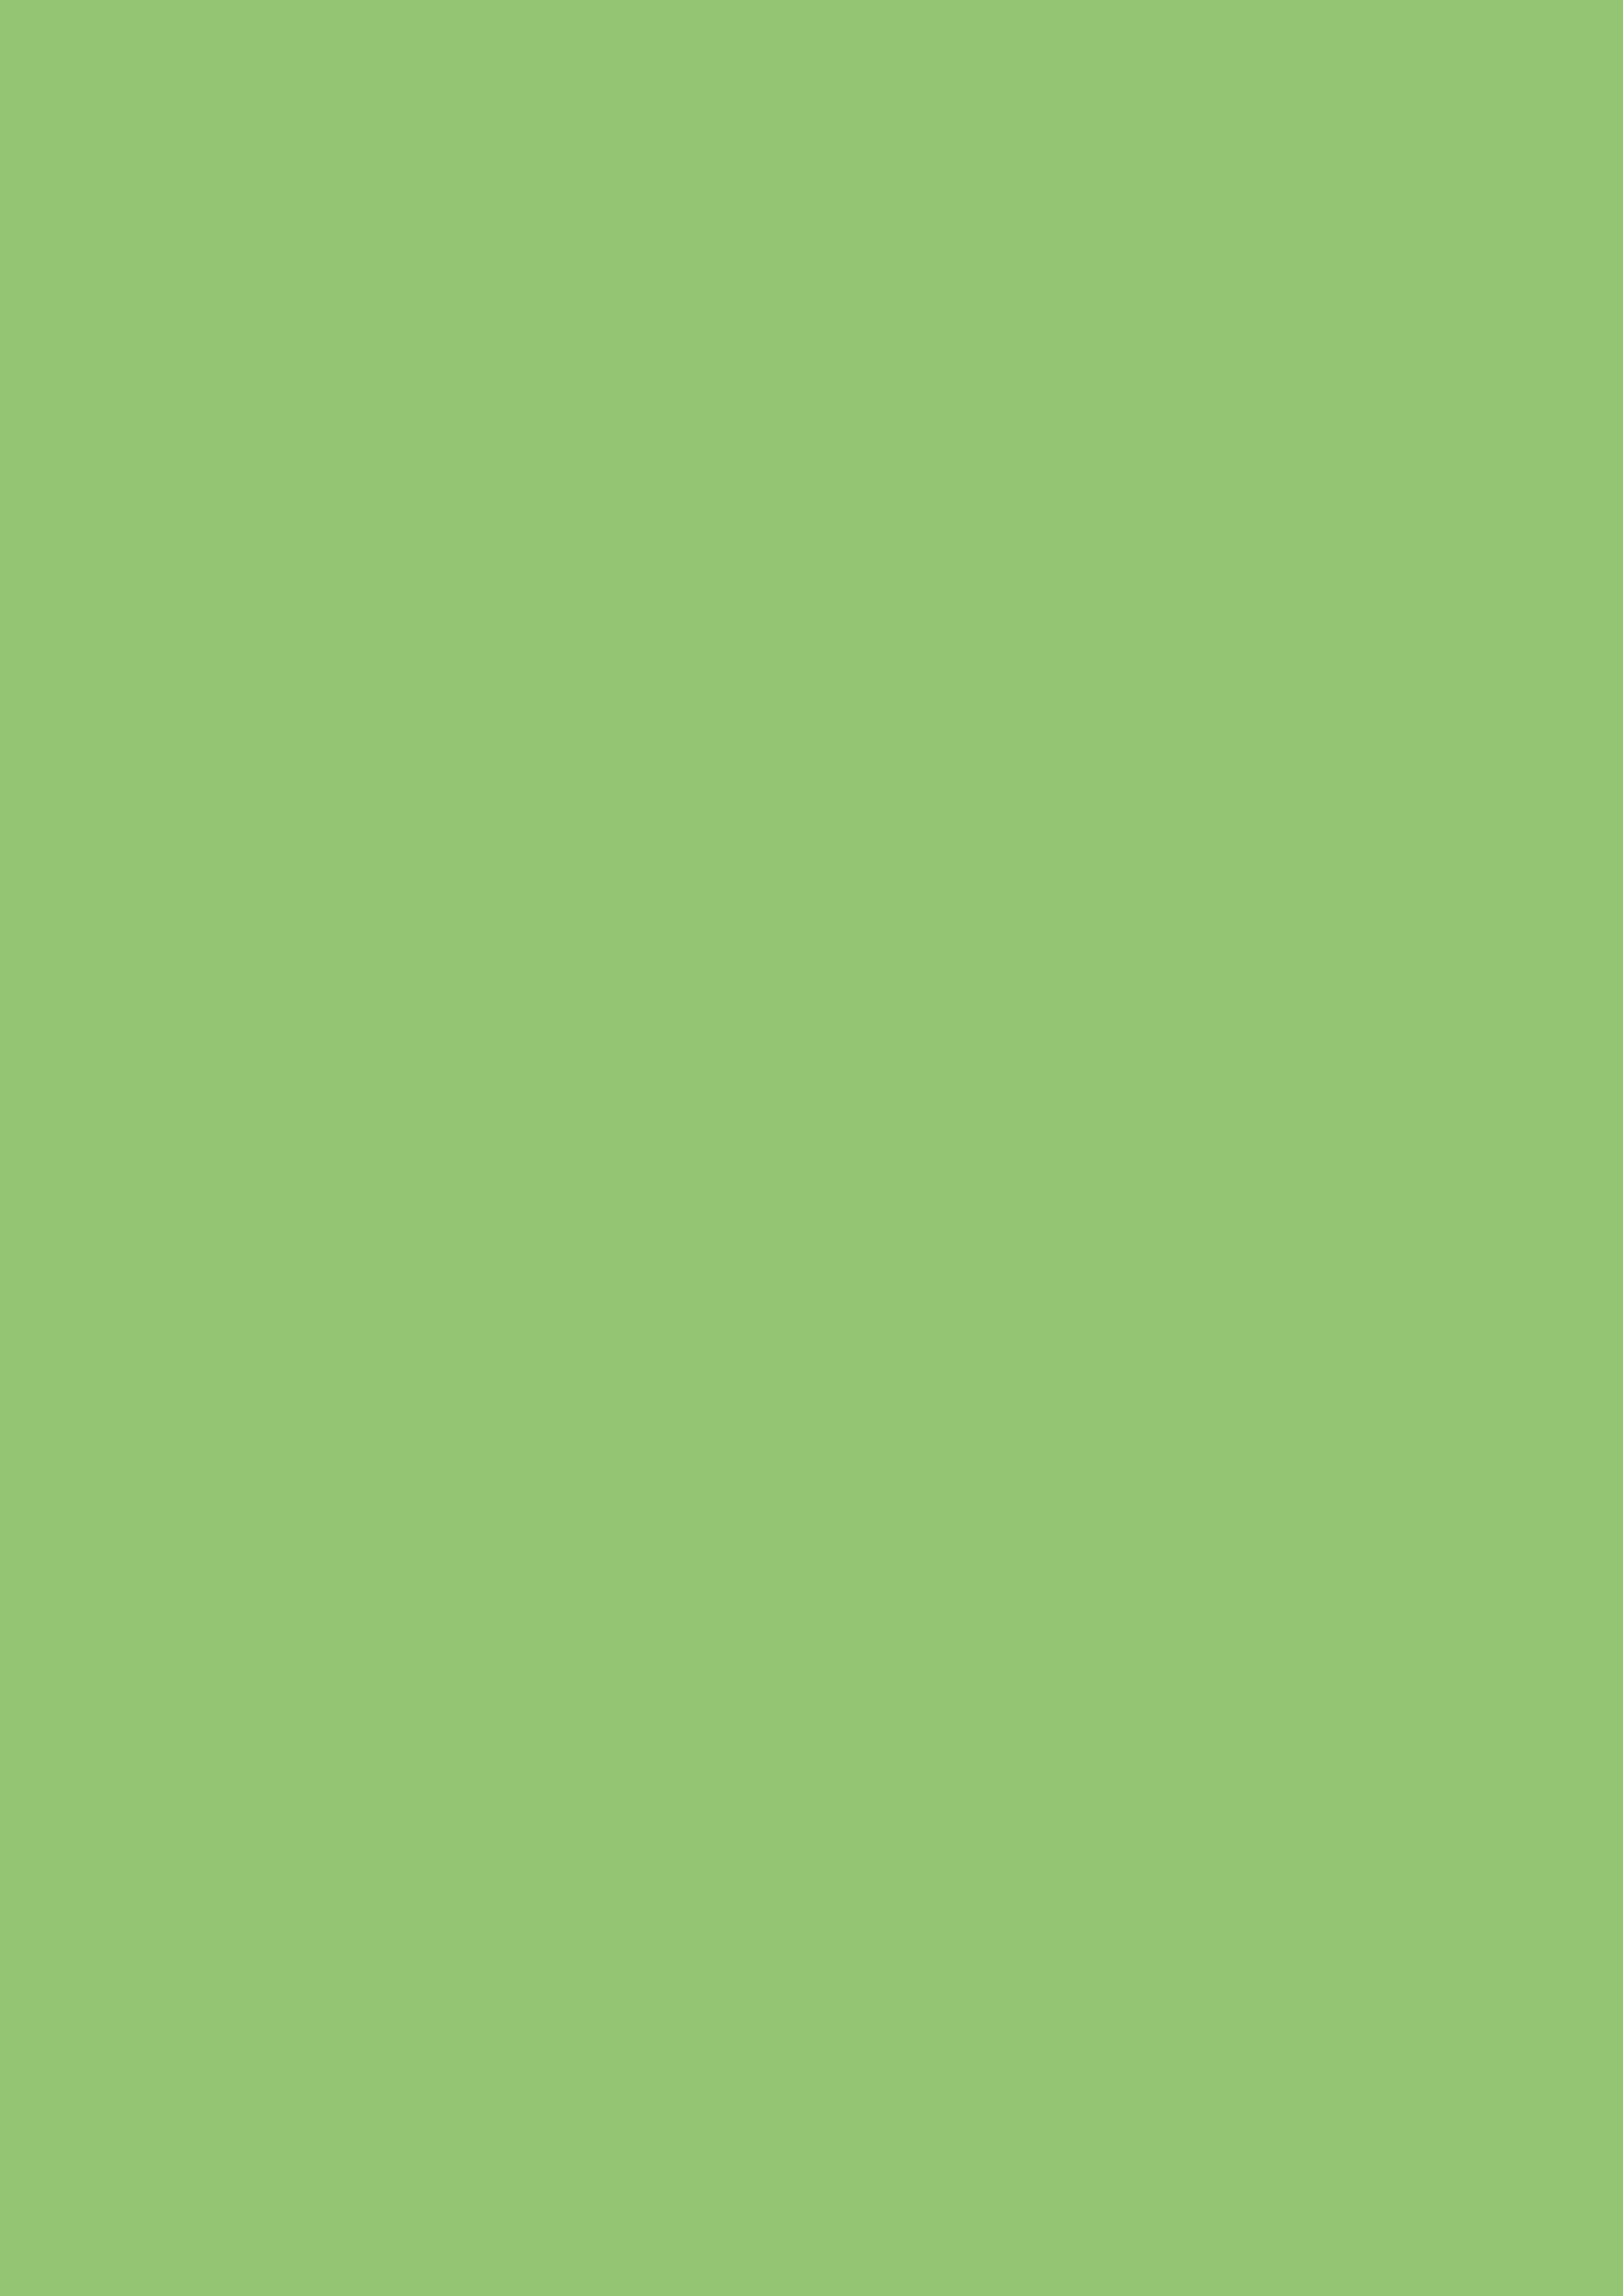 2480x3508 Pistachio Solid Color Background